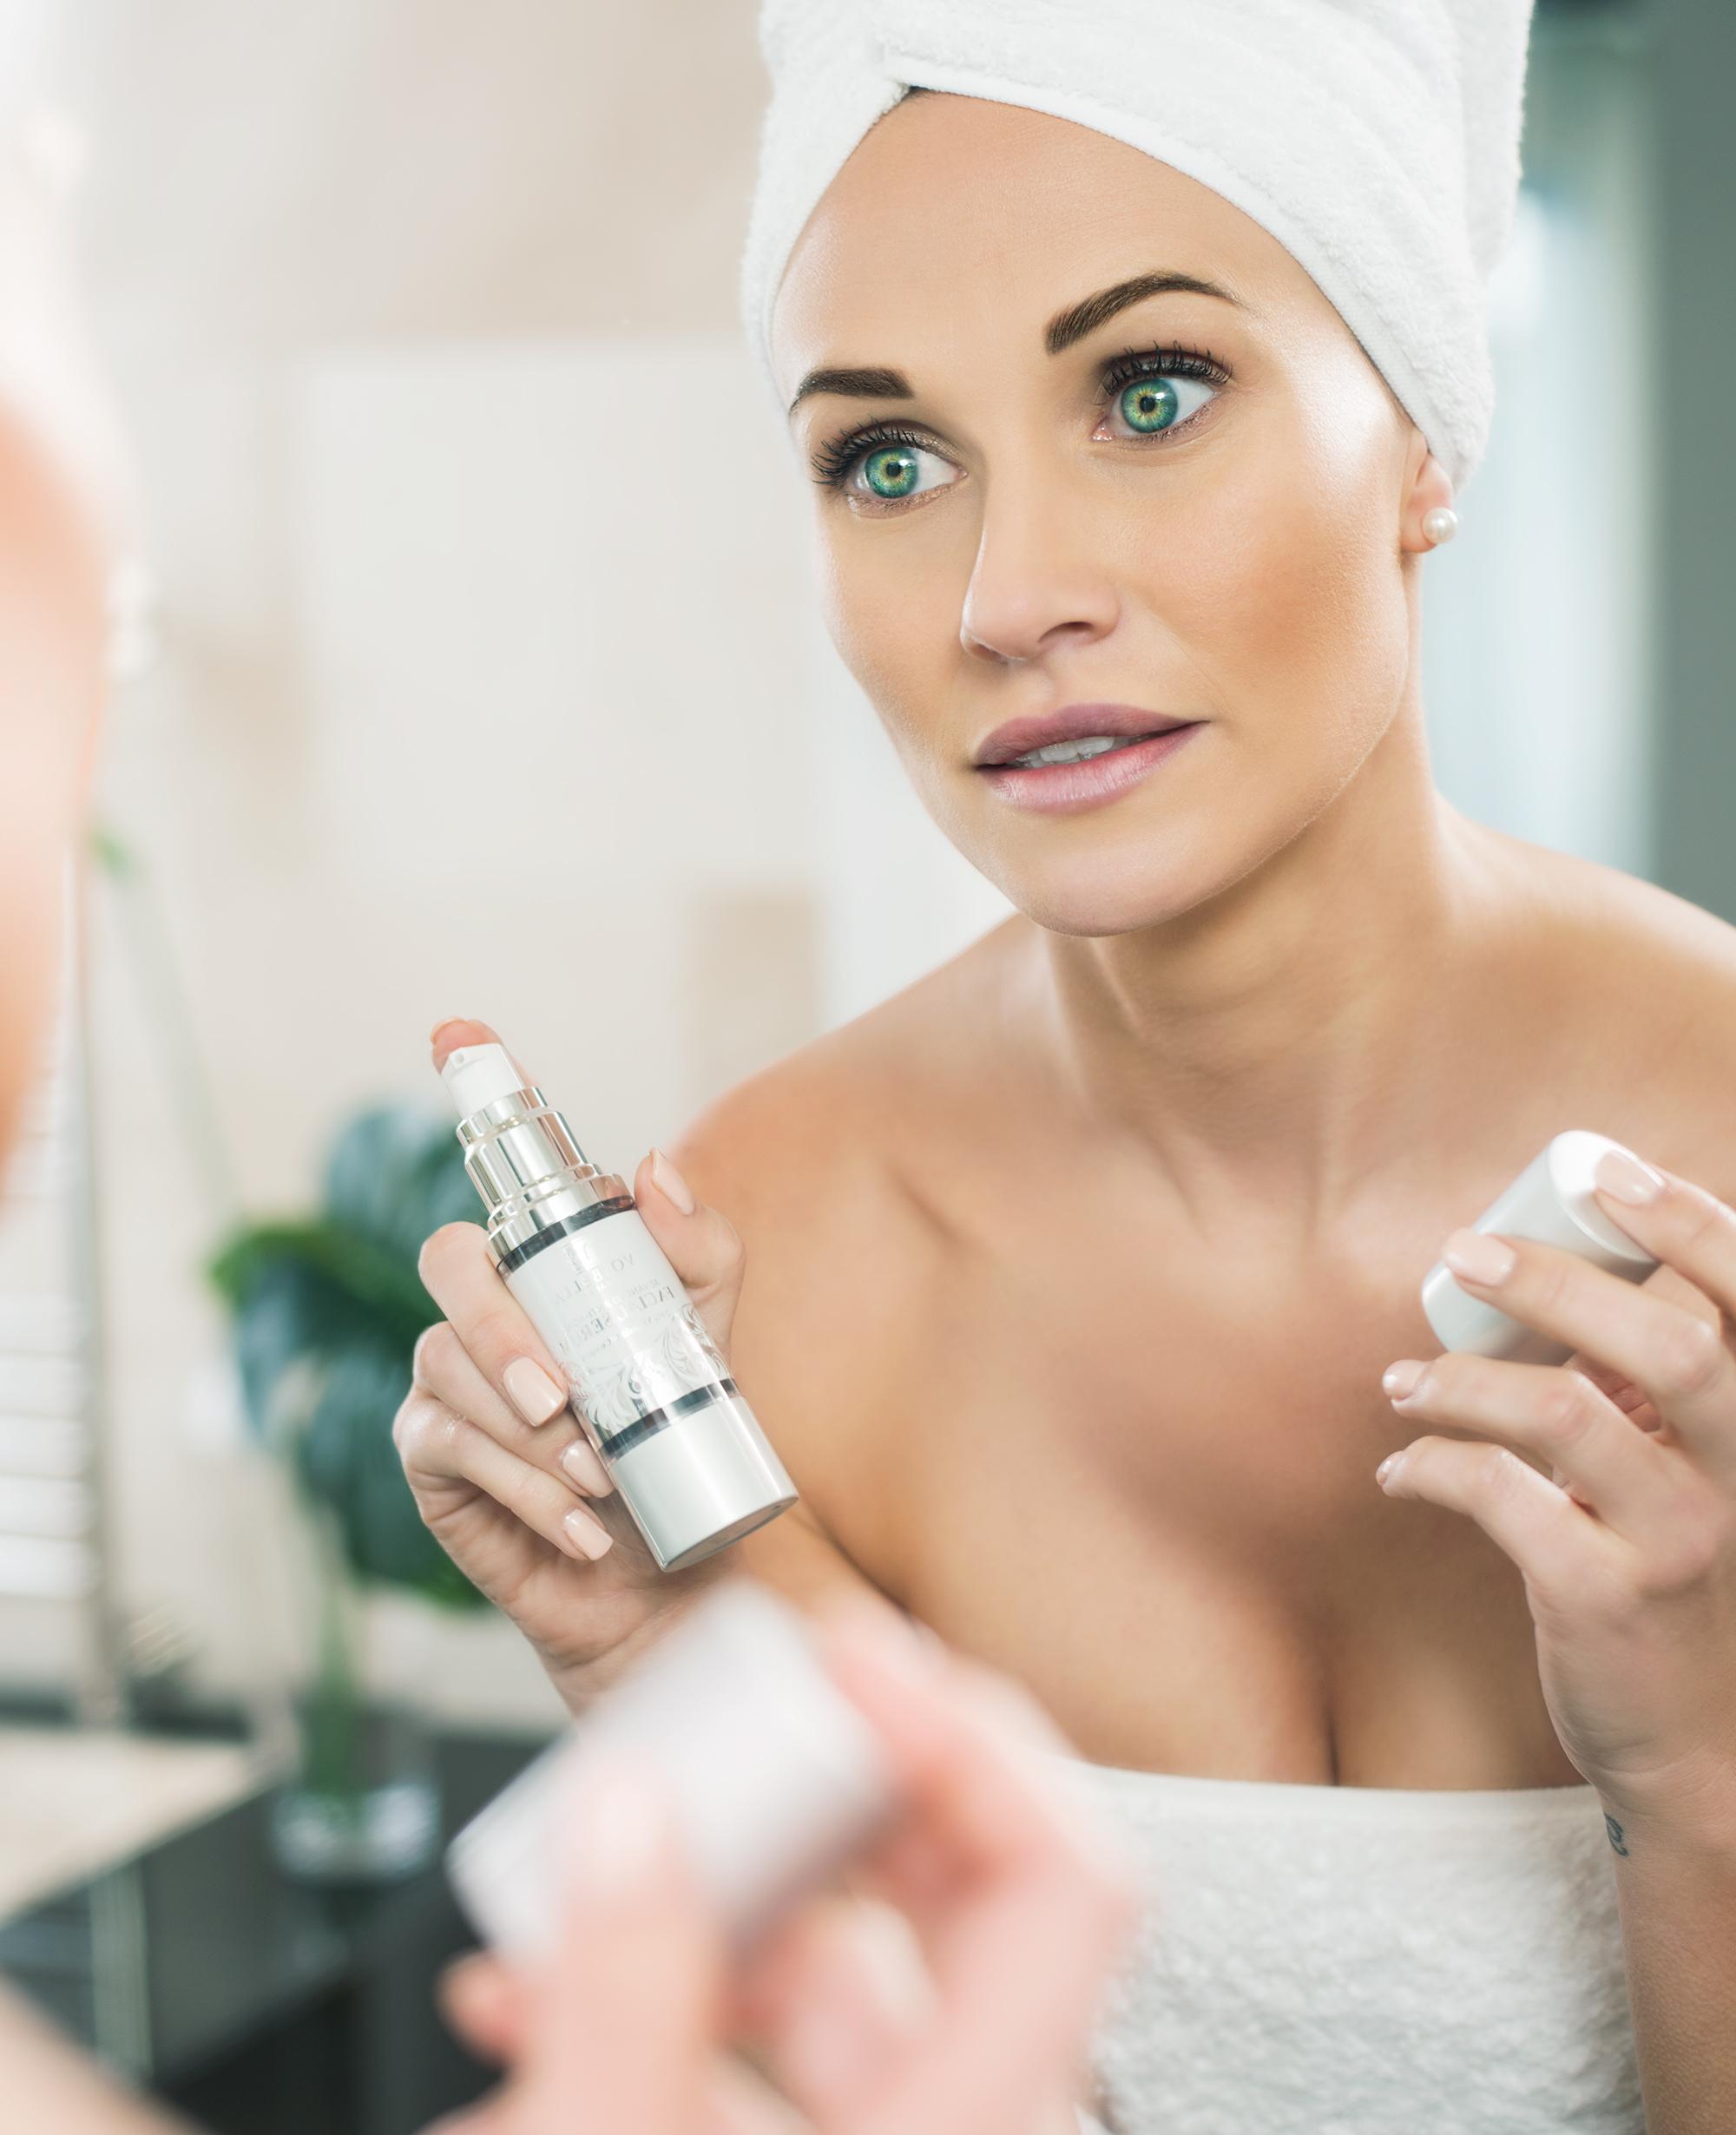 Viobella Health & Beauty